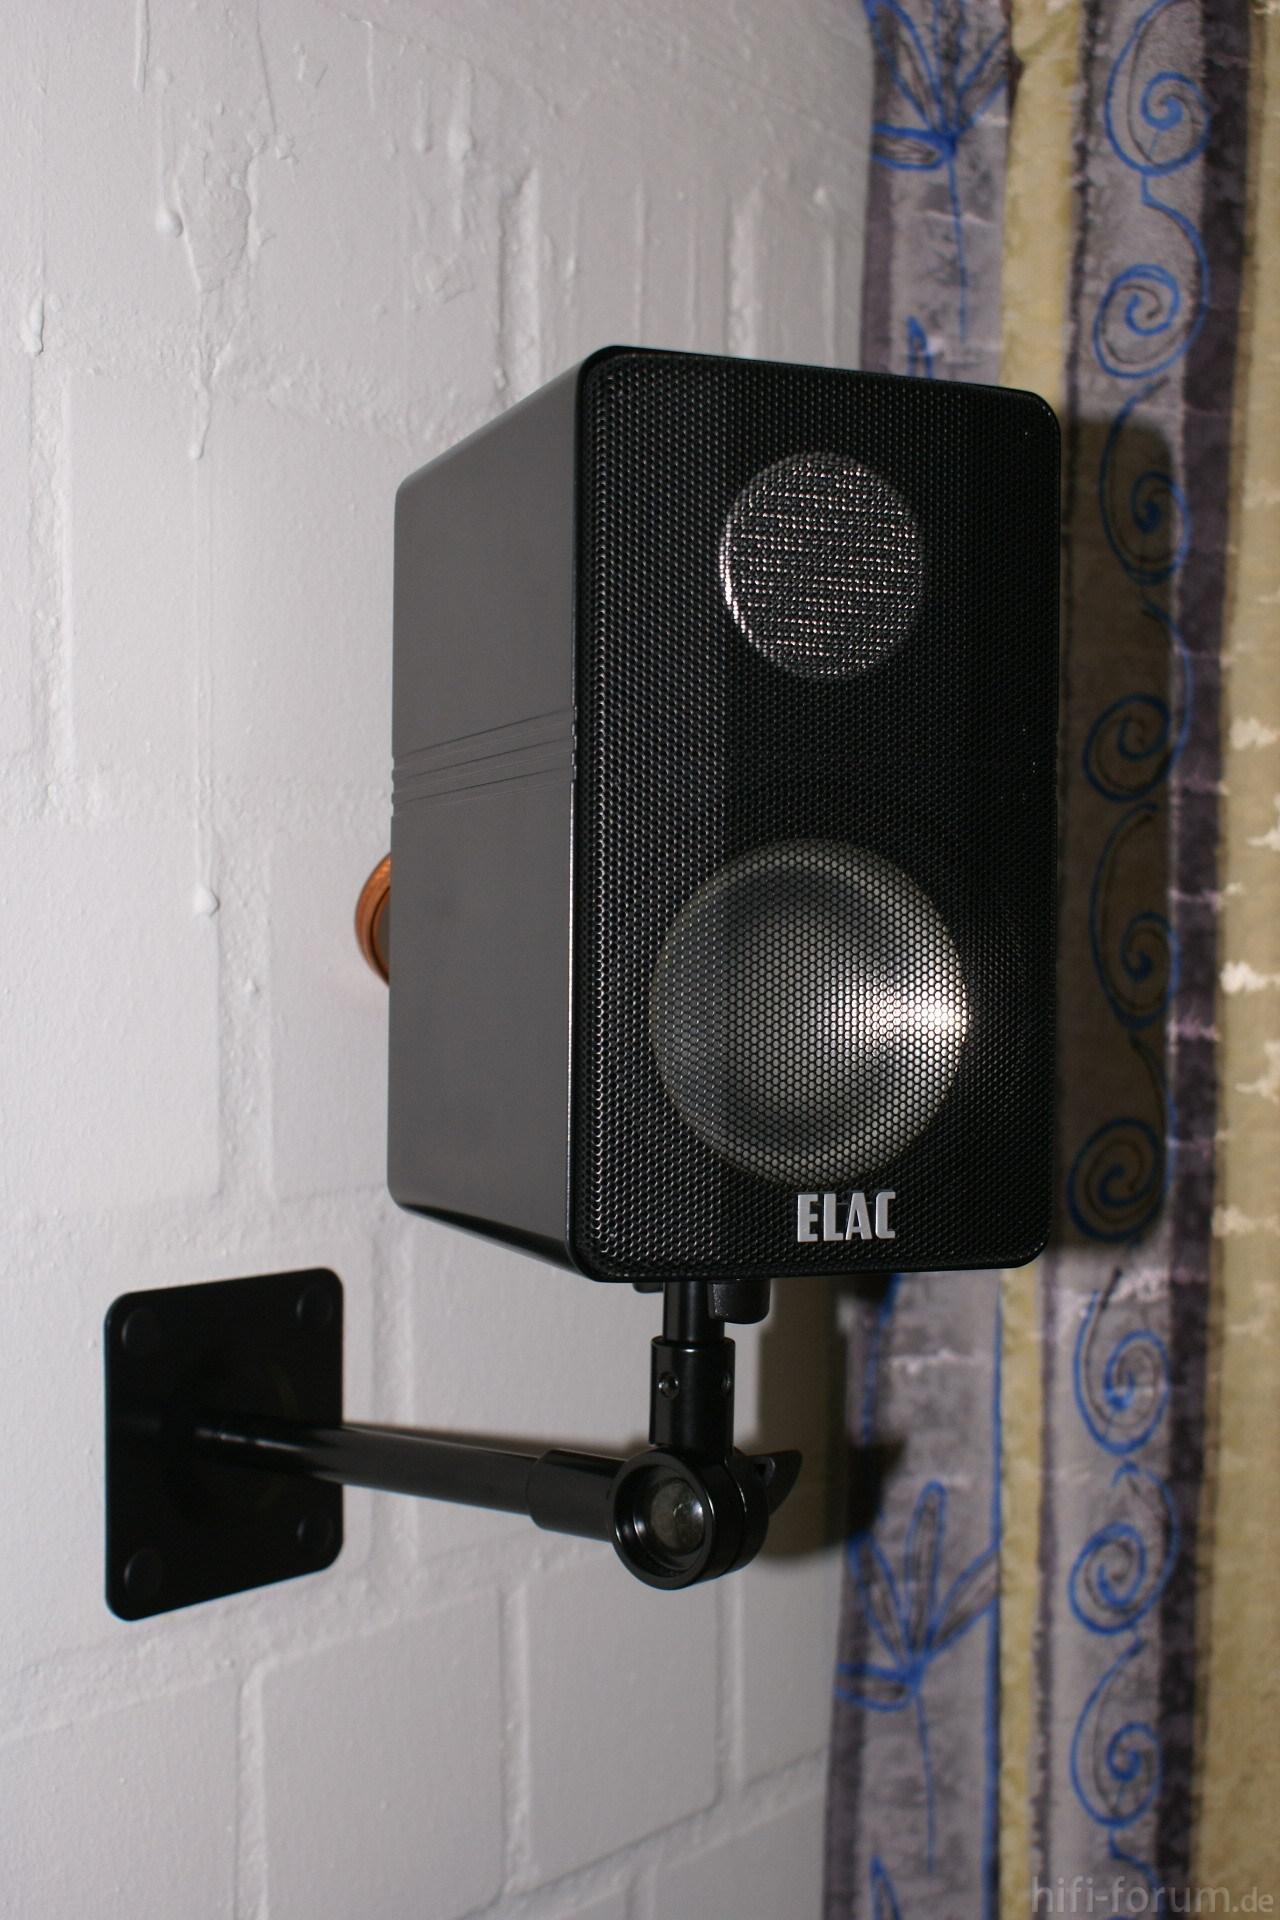 Elac dipol 60 4 dipol dipole elac heimkino surround wandhalterung hifi - Hifi wandhalterung ...